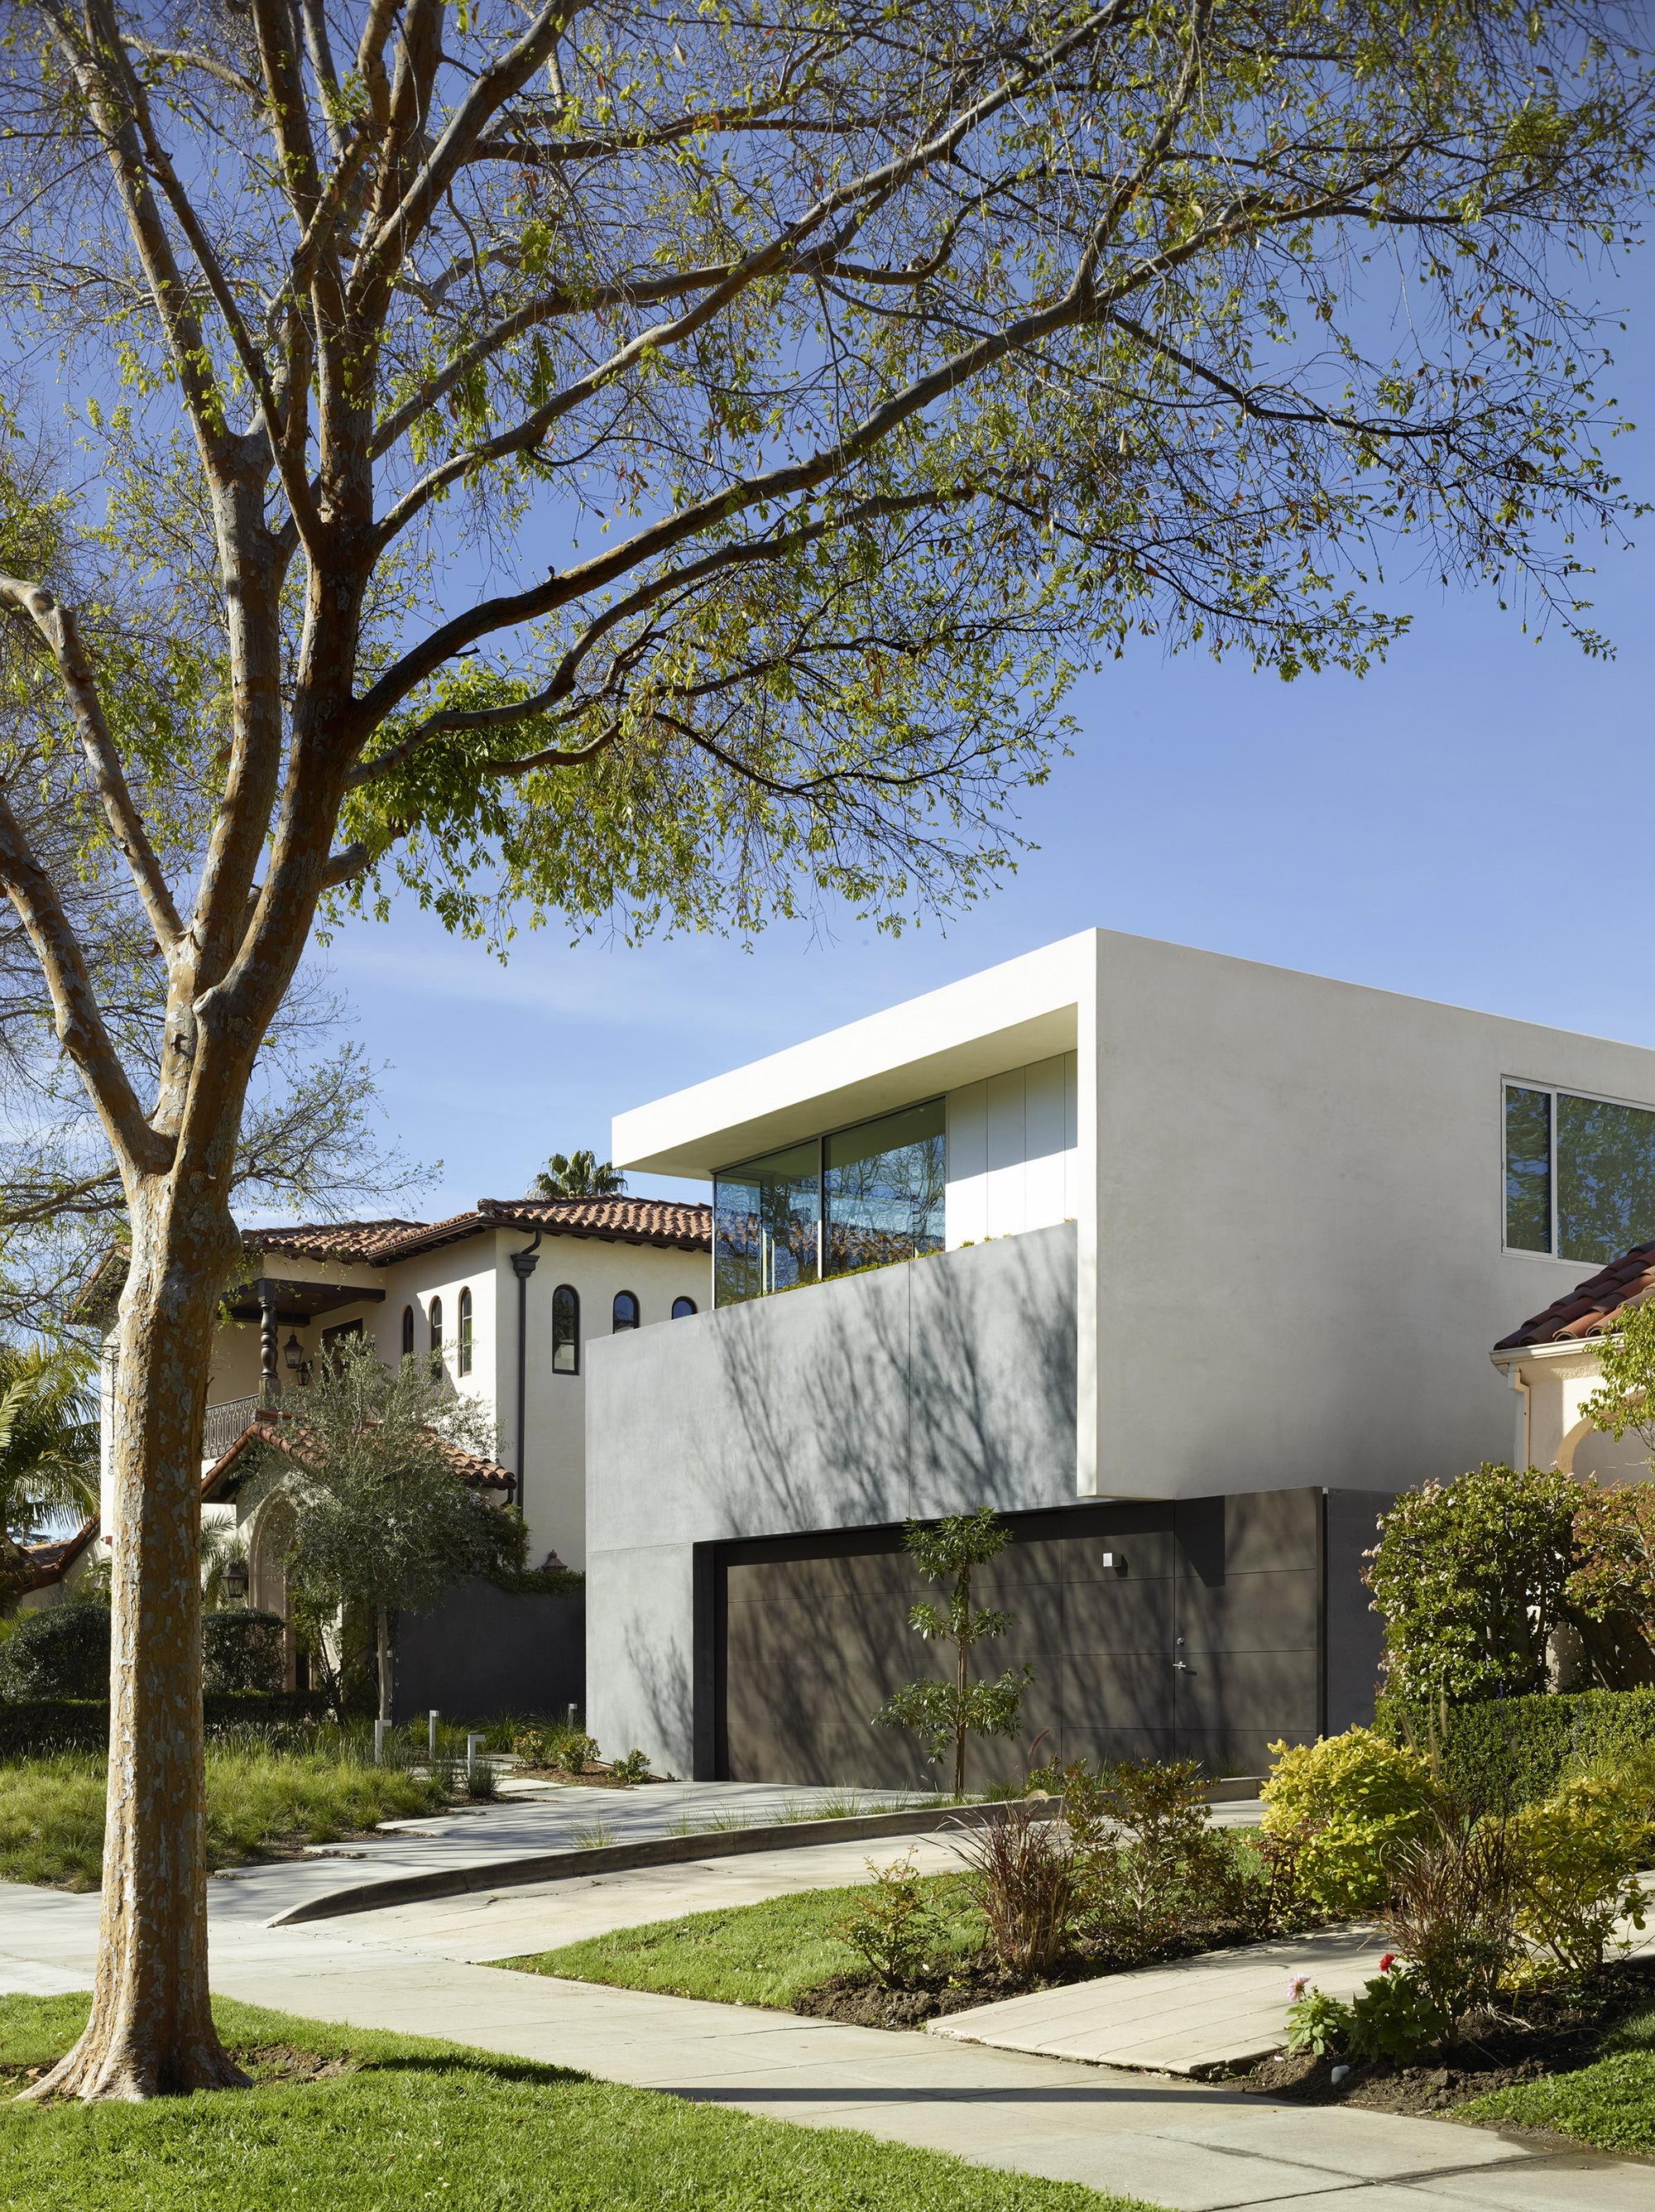 Galer a de crescent drive ehrlich architects 6 - Limposante residence contemporaine de ehrlich architects ...